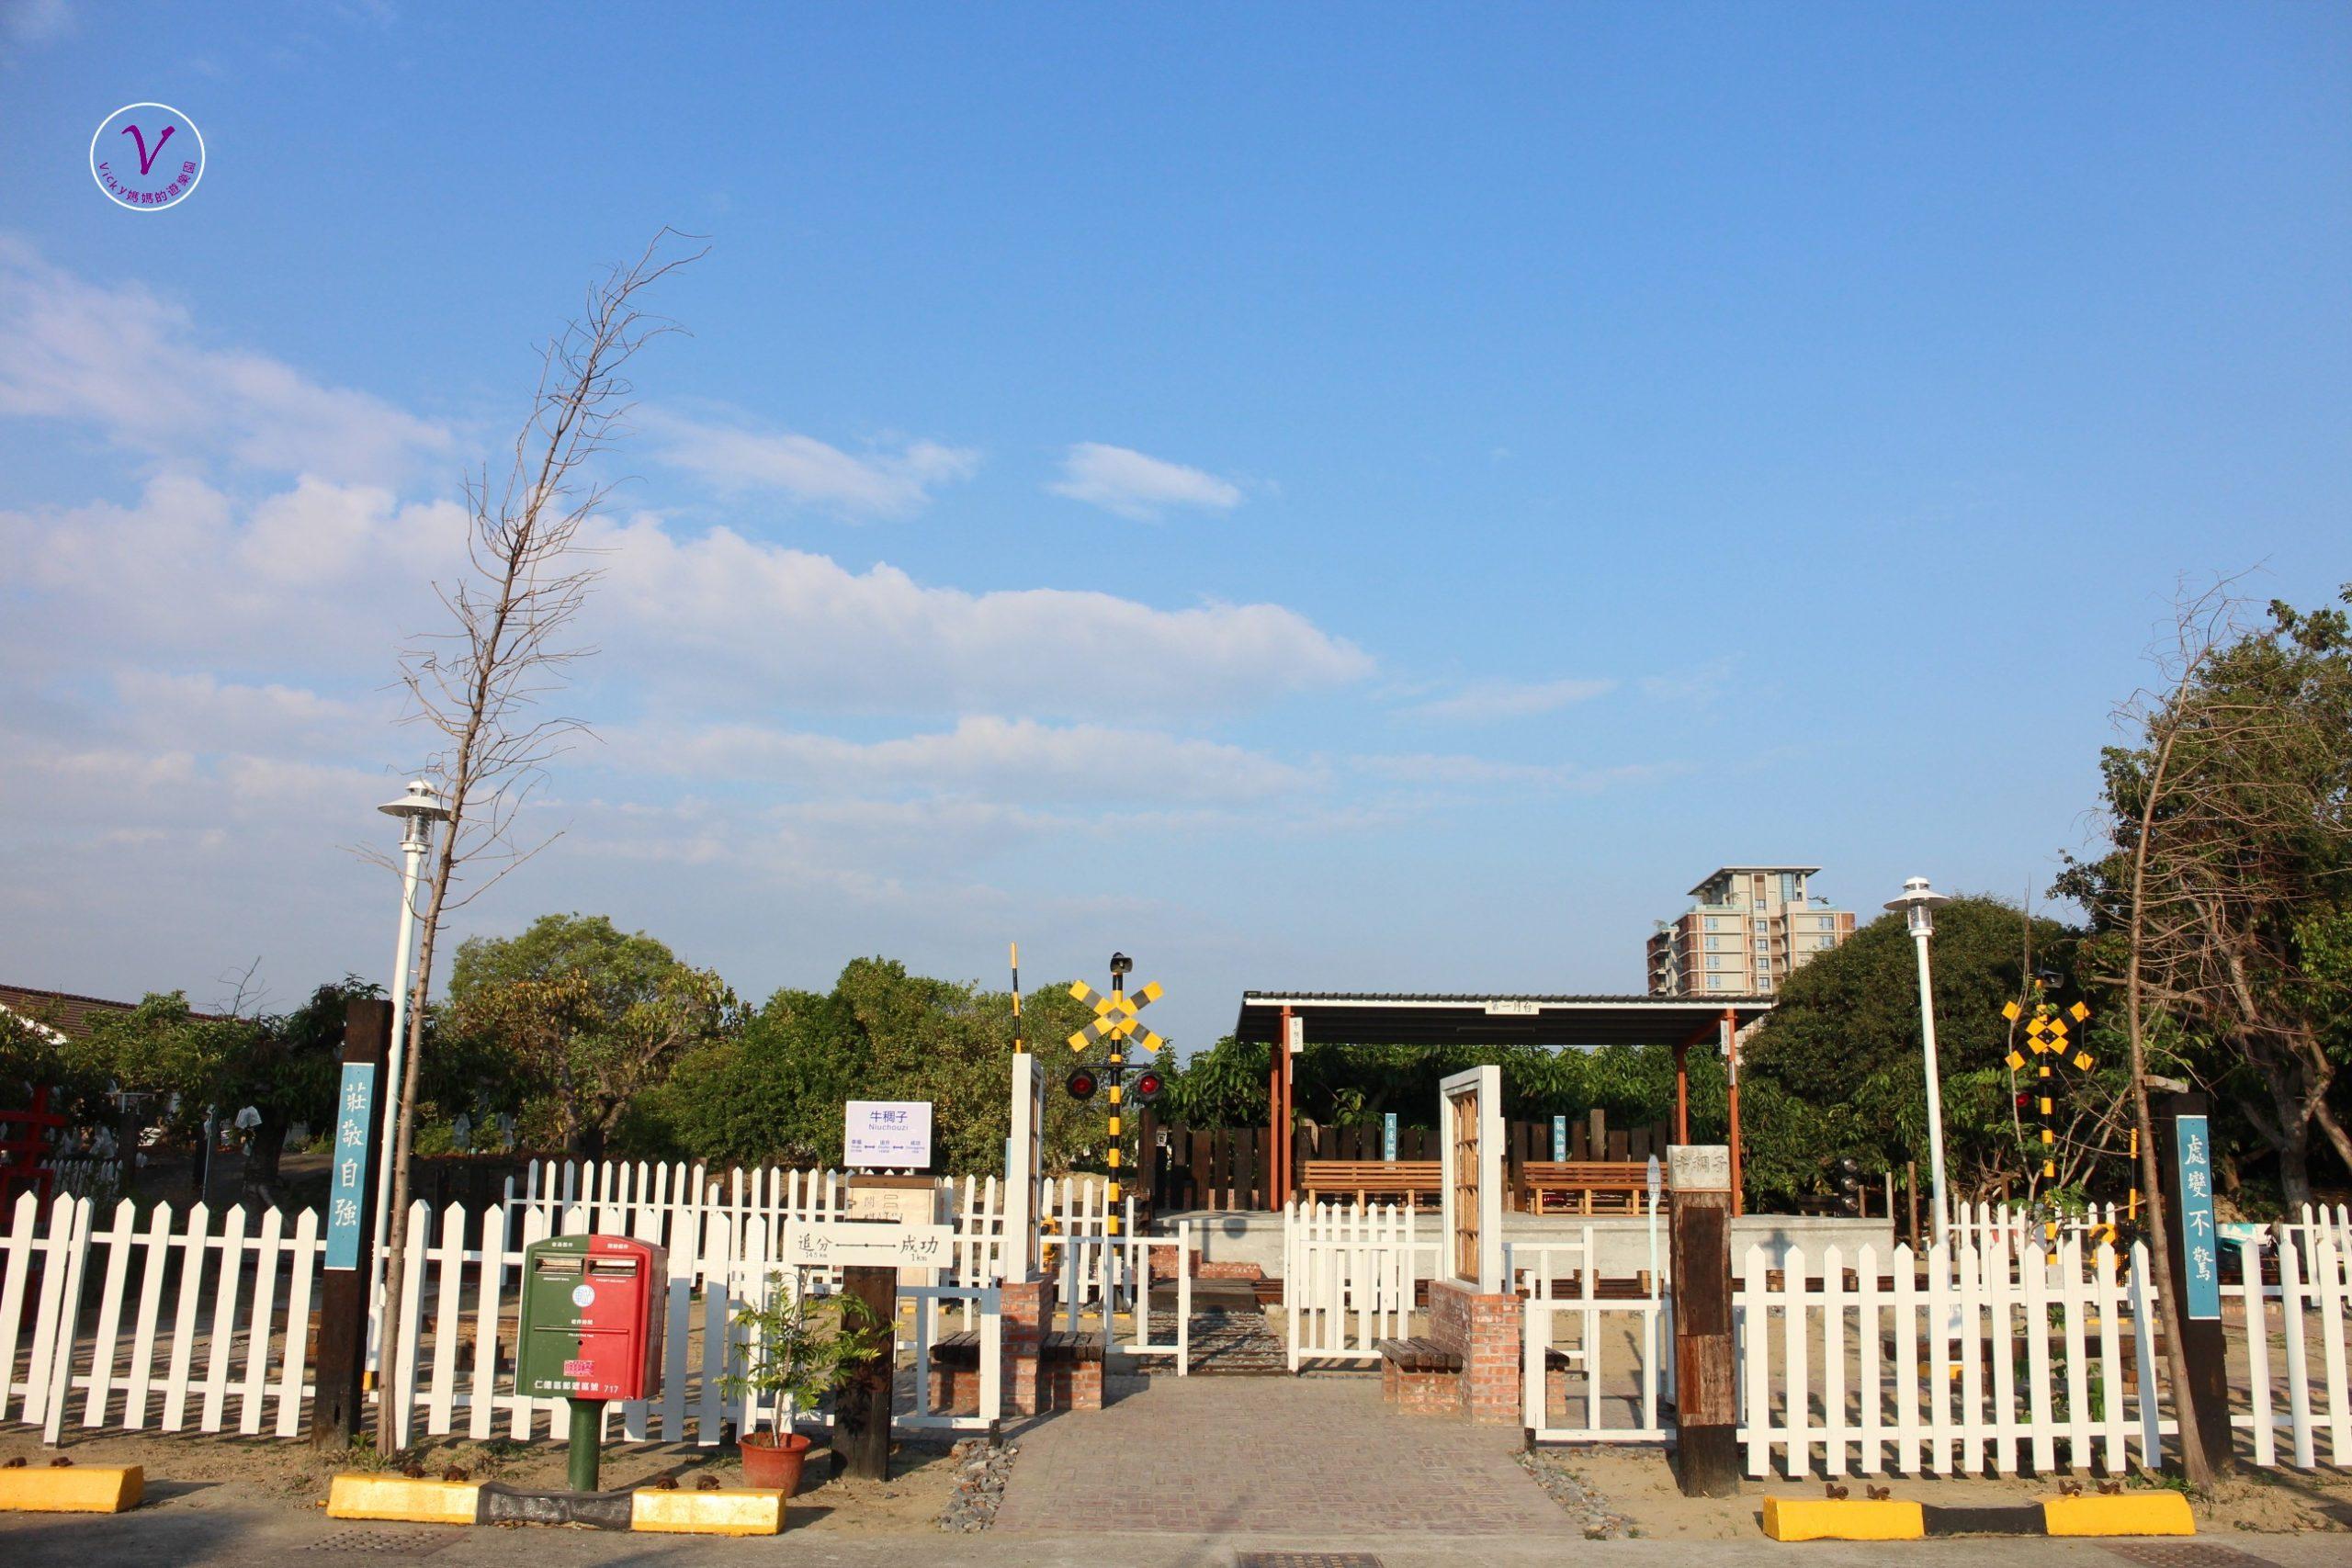 台南最新公園︱鐵支路公園、牛稠仔車站:古老月台、戒嚴標語、特色造景,一起來成功里追分吧